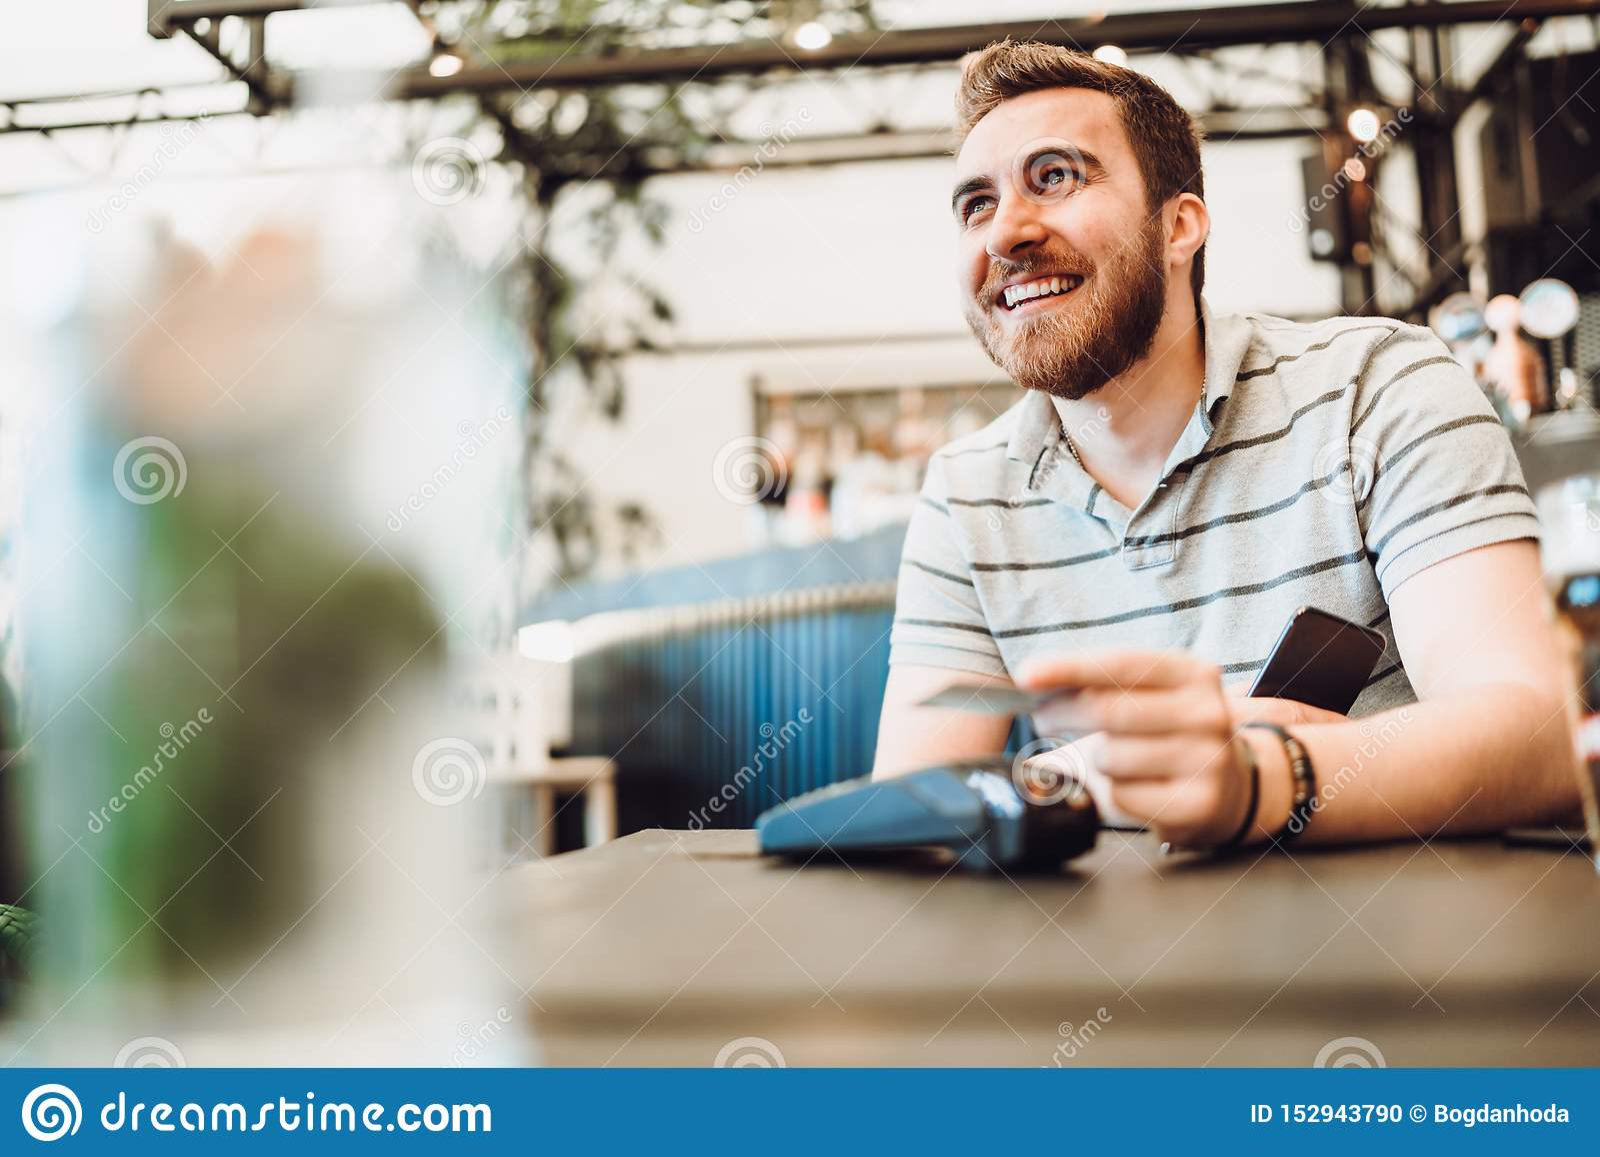 Chiuda su della tecnologia senza contatto usando maschio e dello smartphone della carta di credito per il pagamento nel ristorant